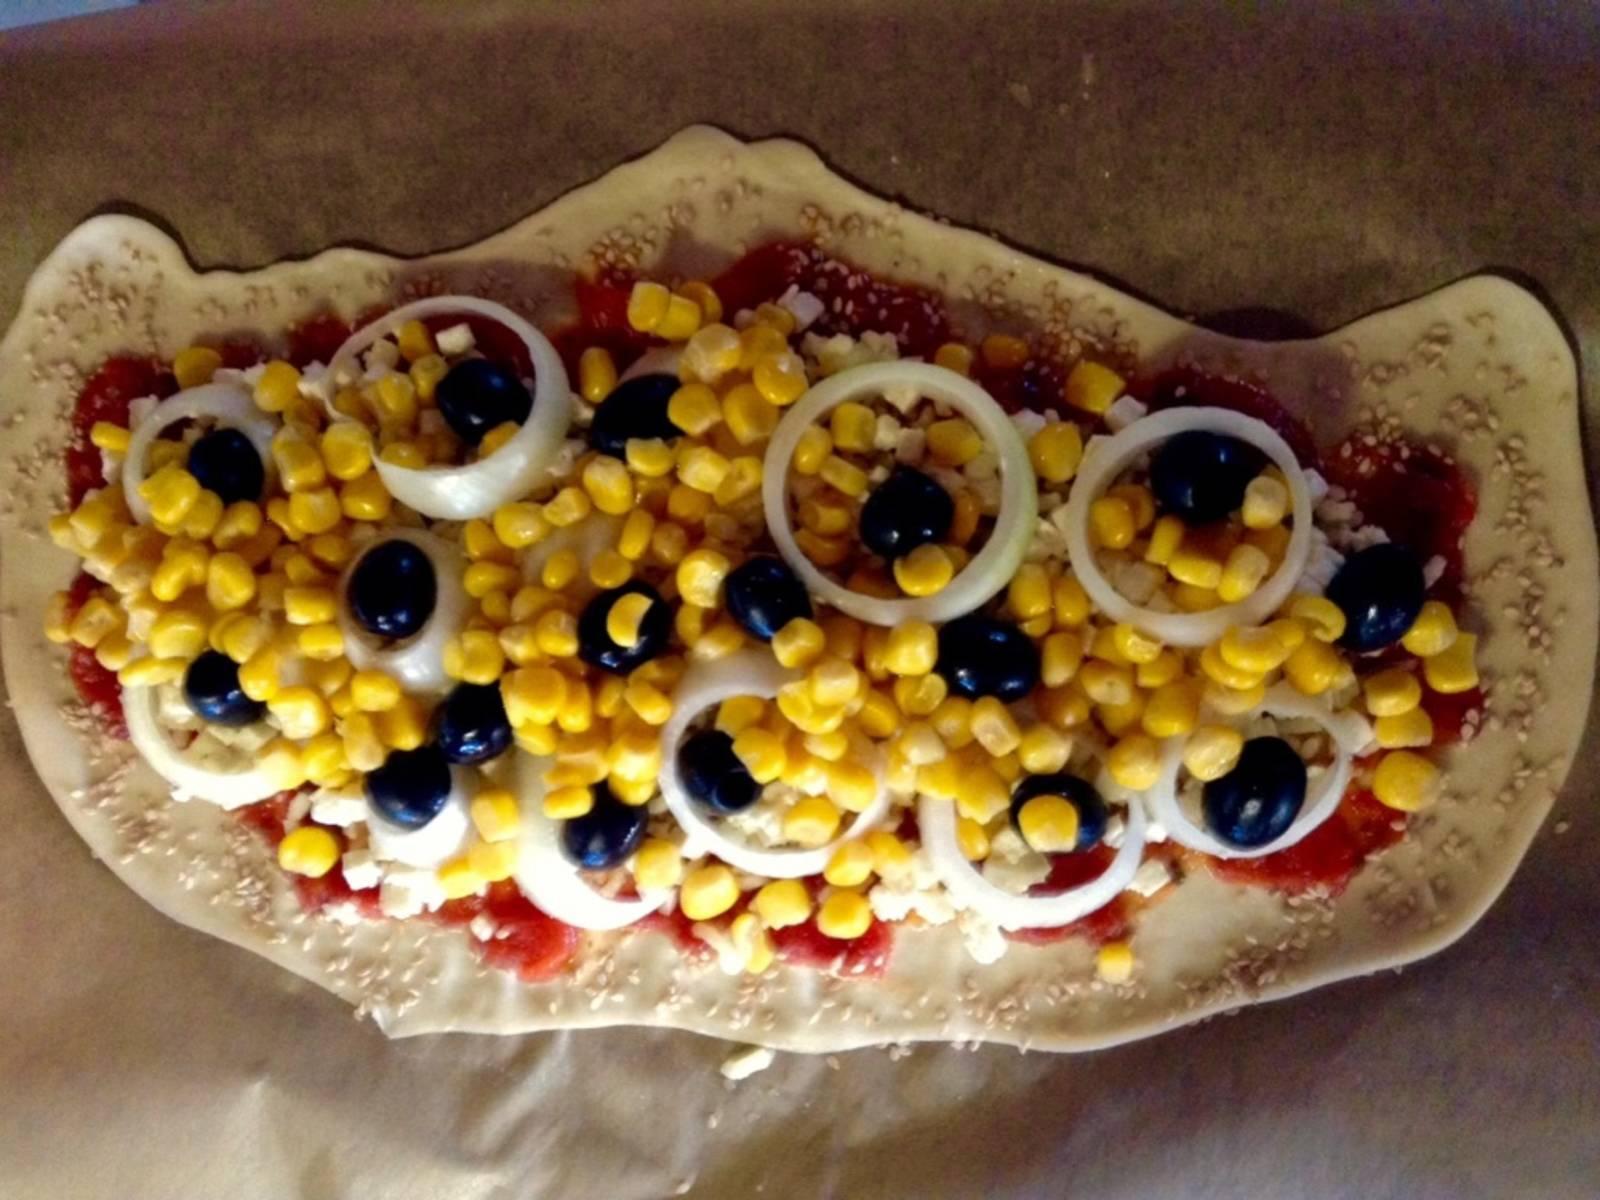 Jetzt kommt der Belag. Hier könnt ihr entweder alles draufpacken, oder aber, da das Auge ja bekanntlich mit isst, die Pizza mit den Zutaten kreativ dekorieren. Ich habe zuerst den Mais über die Pizza gestreut (vorher sehr gut abtropfen lassen), danach die Zwiebelringe draufgelegt (vorher schneiden) und dann die Oliven in die Lücken (zuvor gut abtropfen lassen).